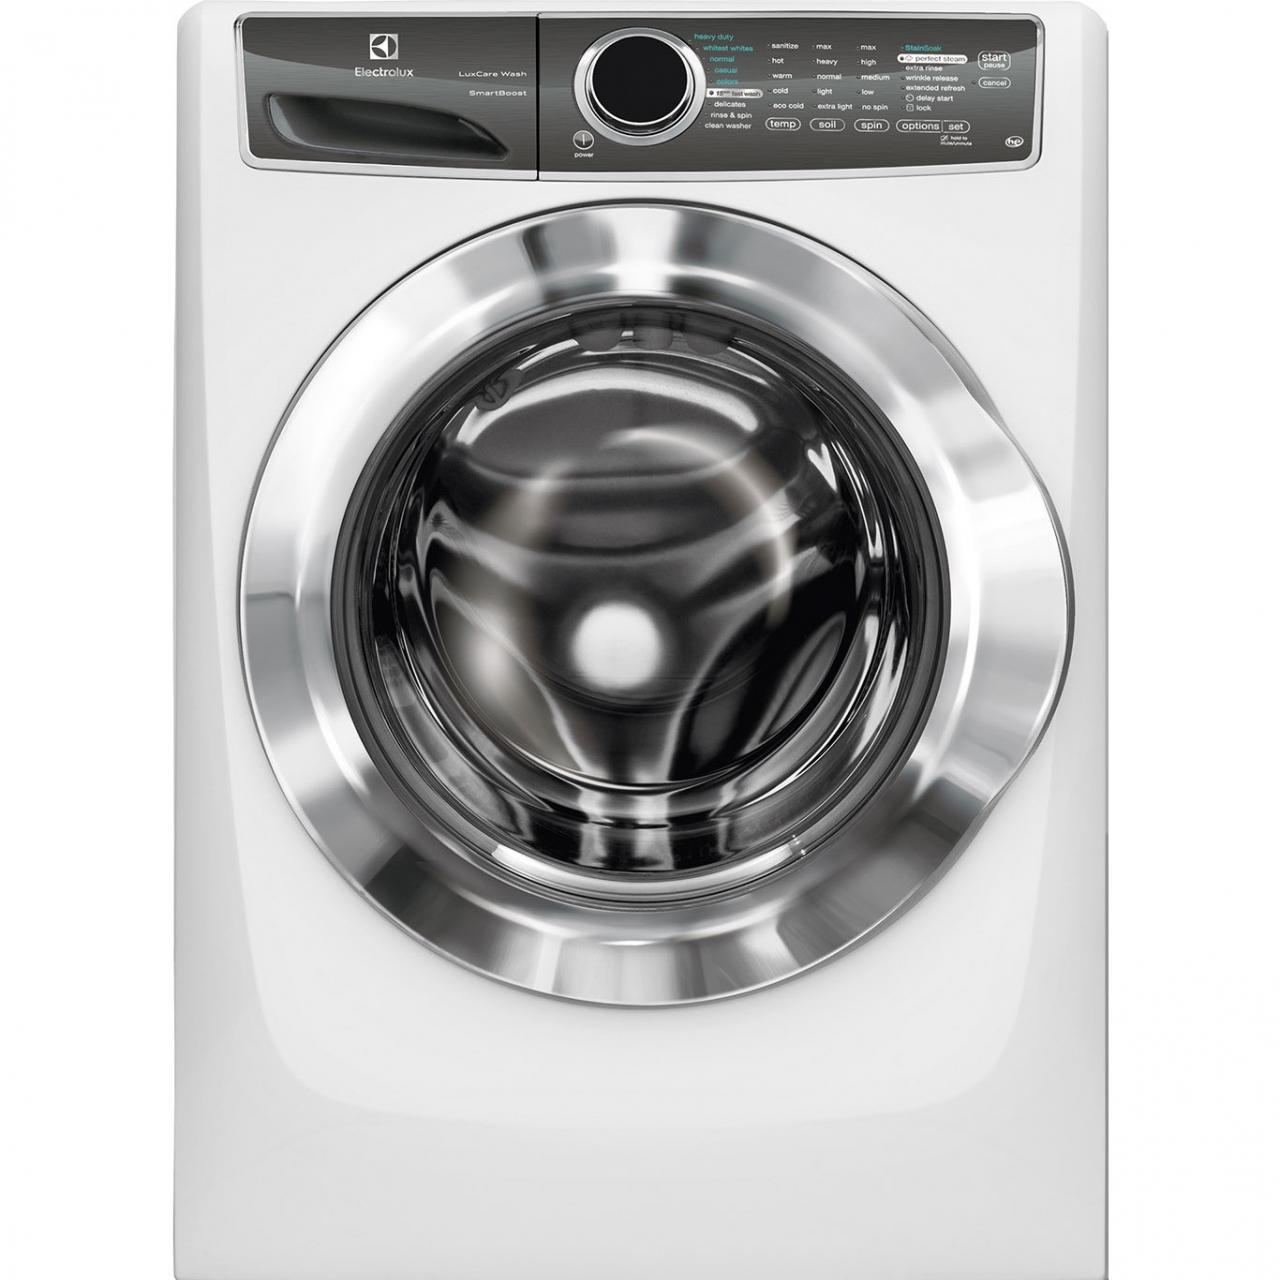 Electrolux Washer EFLS617SIW